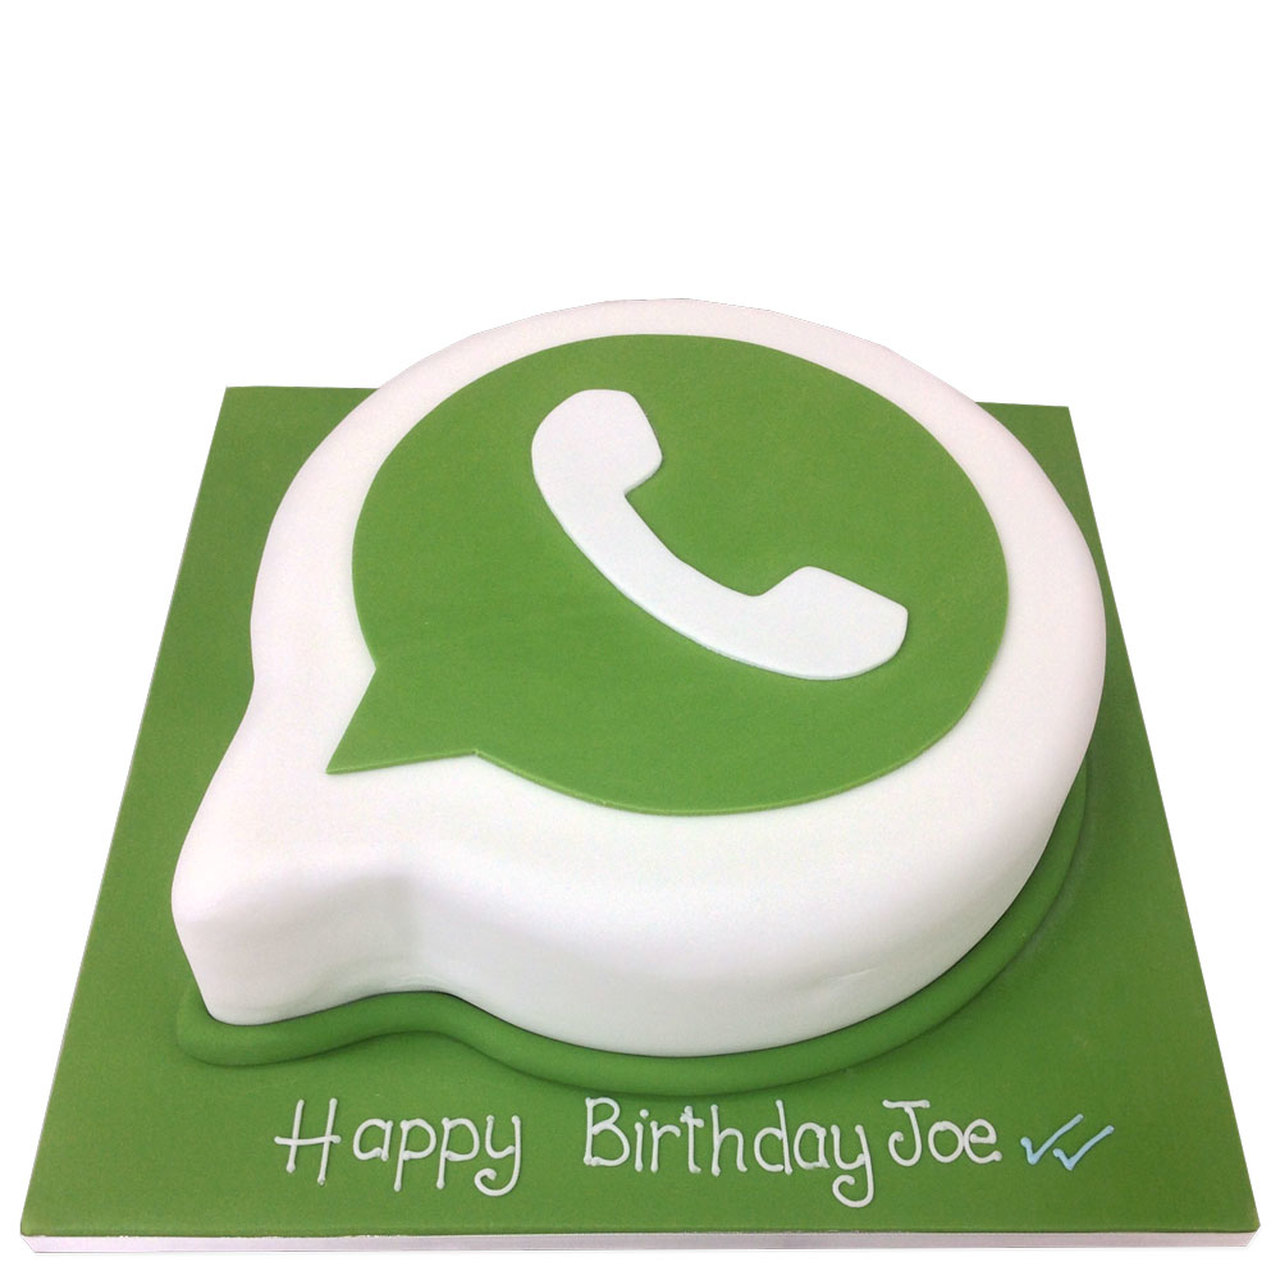 SMC002 - Watsapp cake